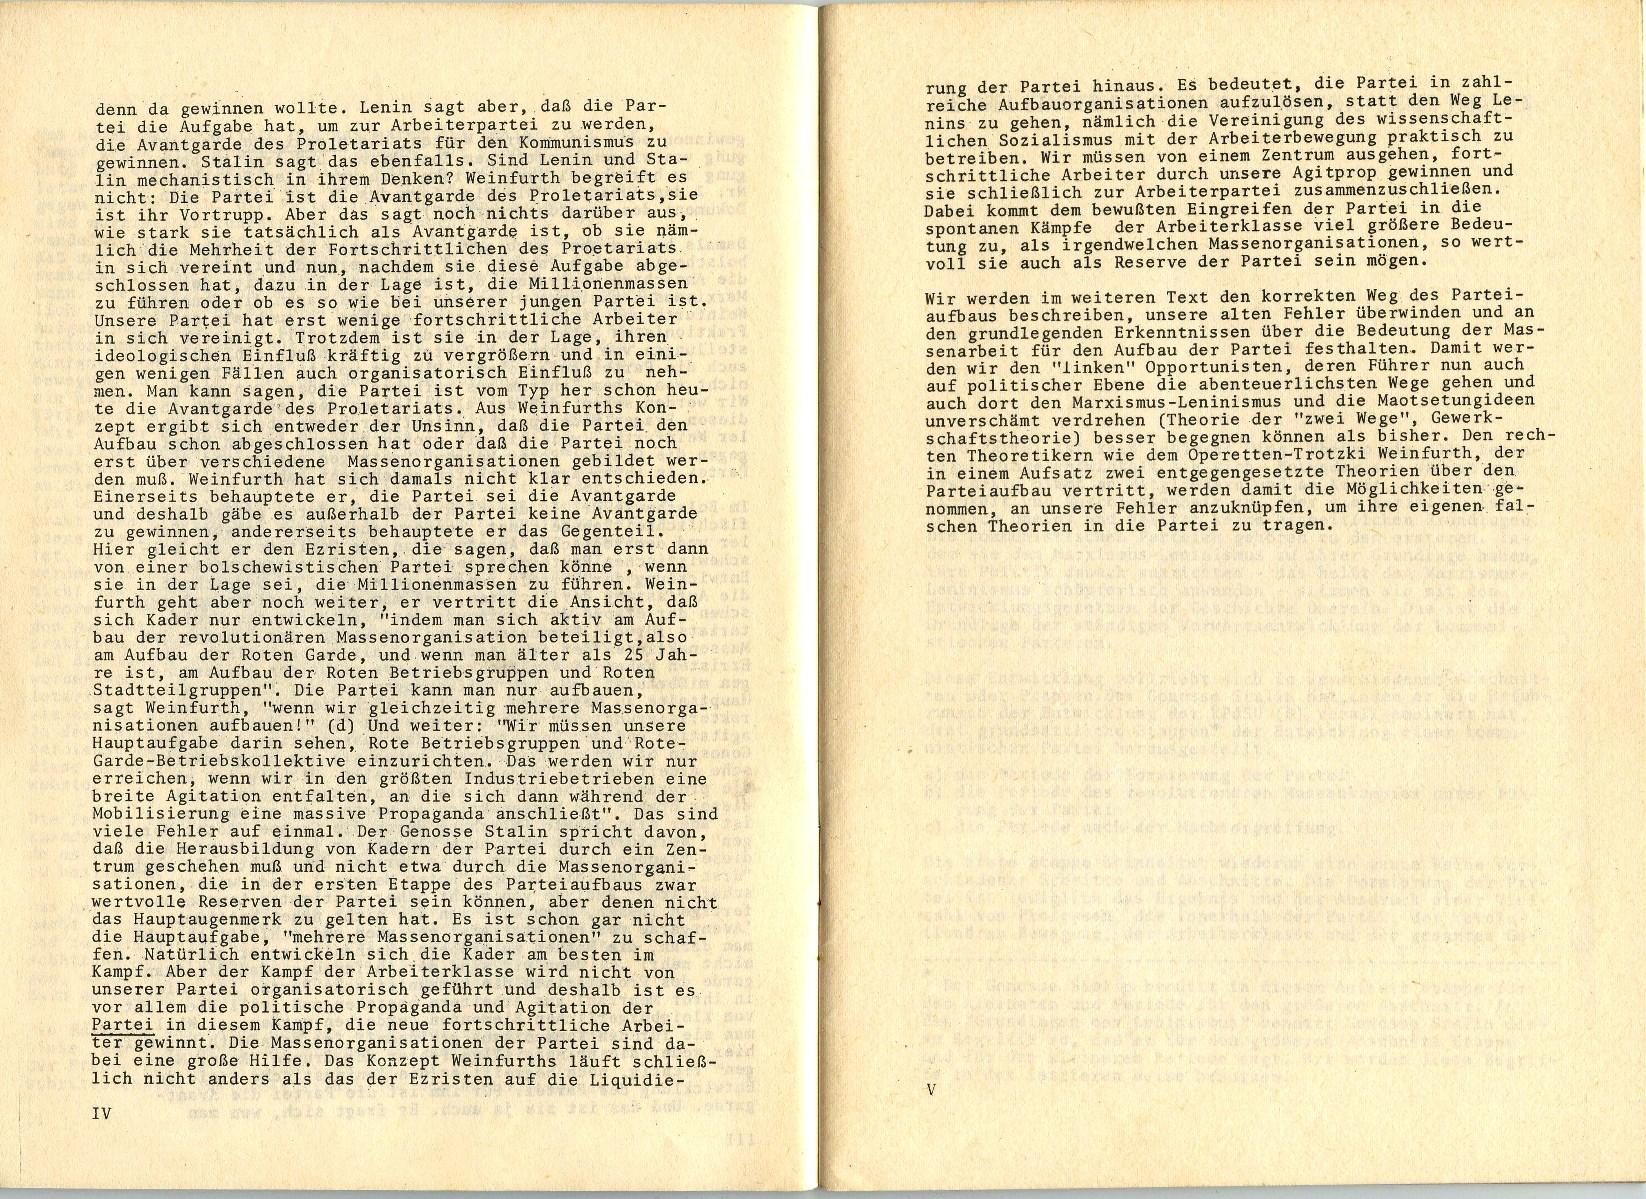 ZB_Etappen_Parteiaufbau_1971_06